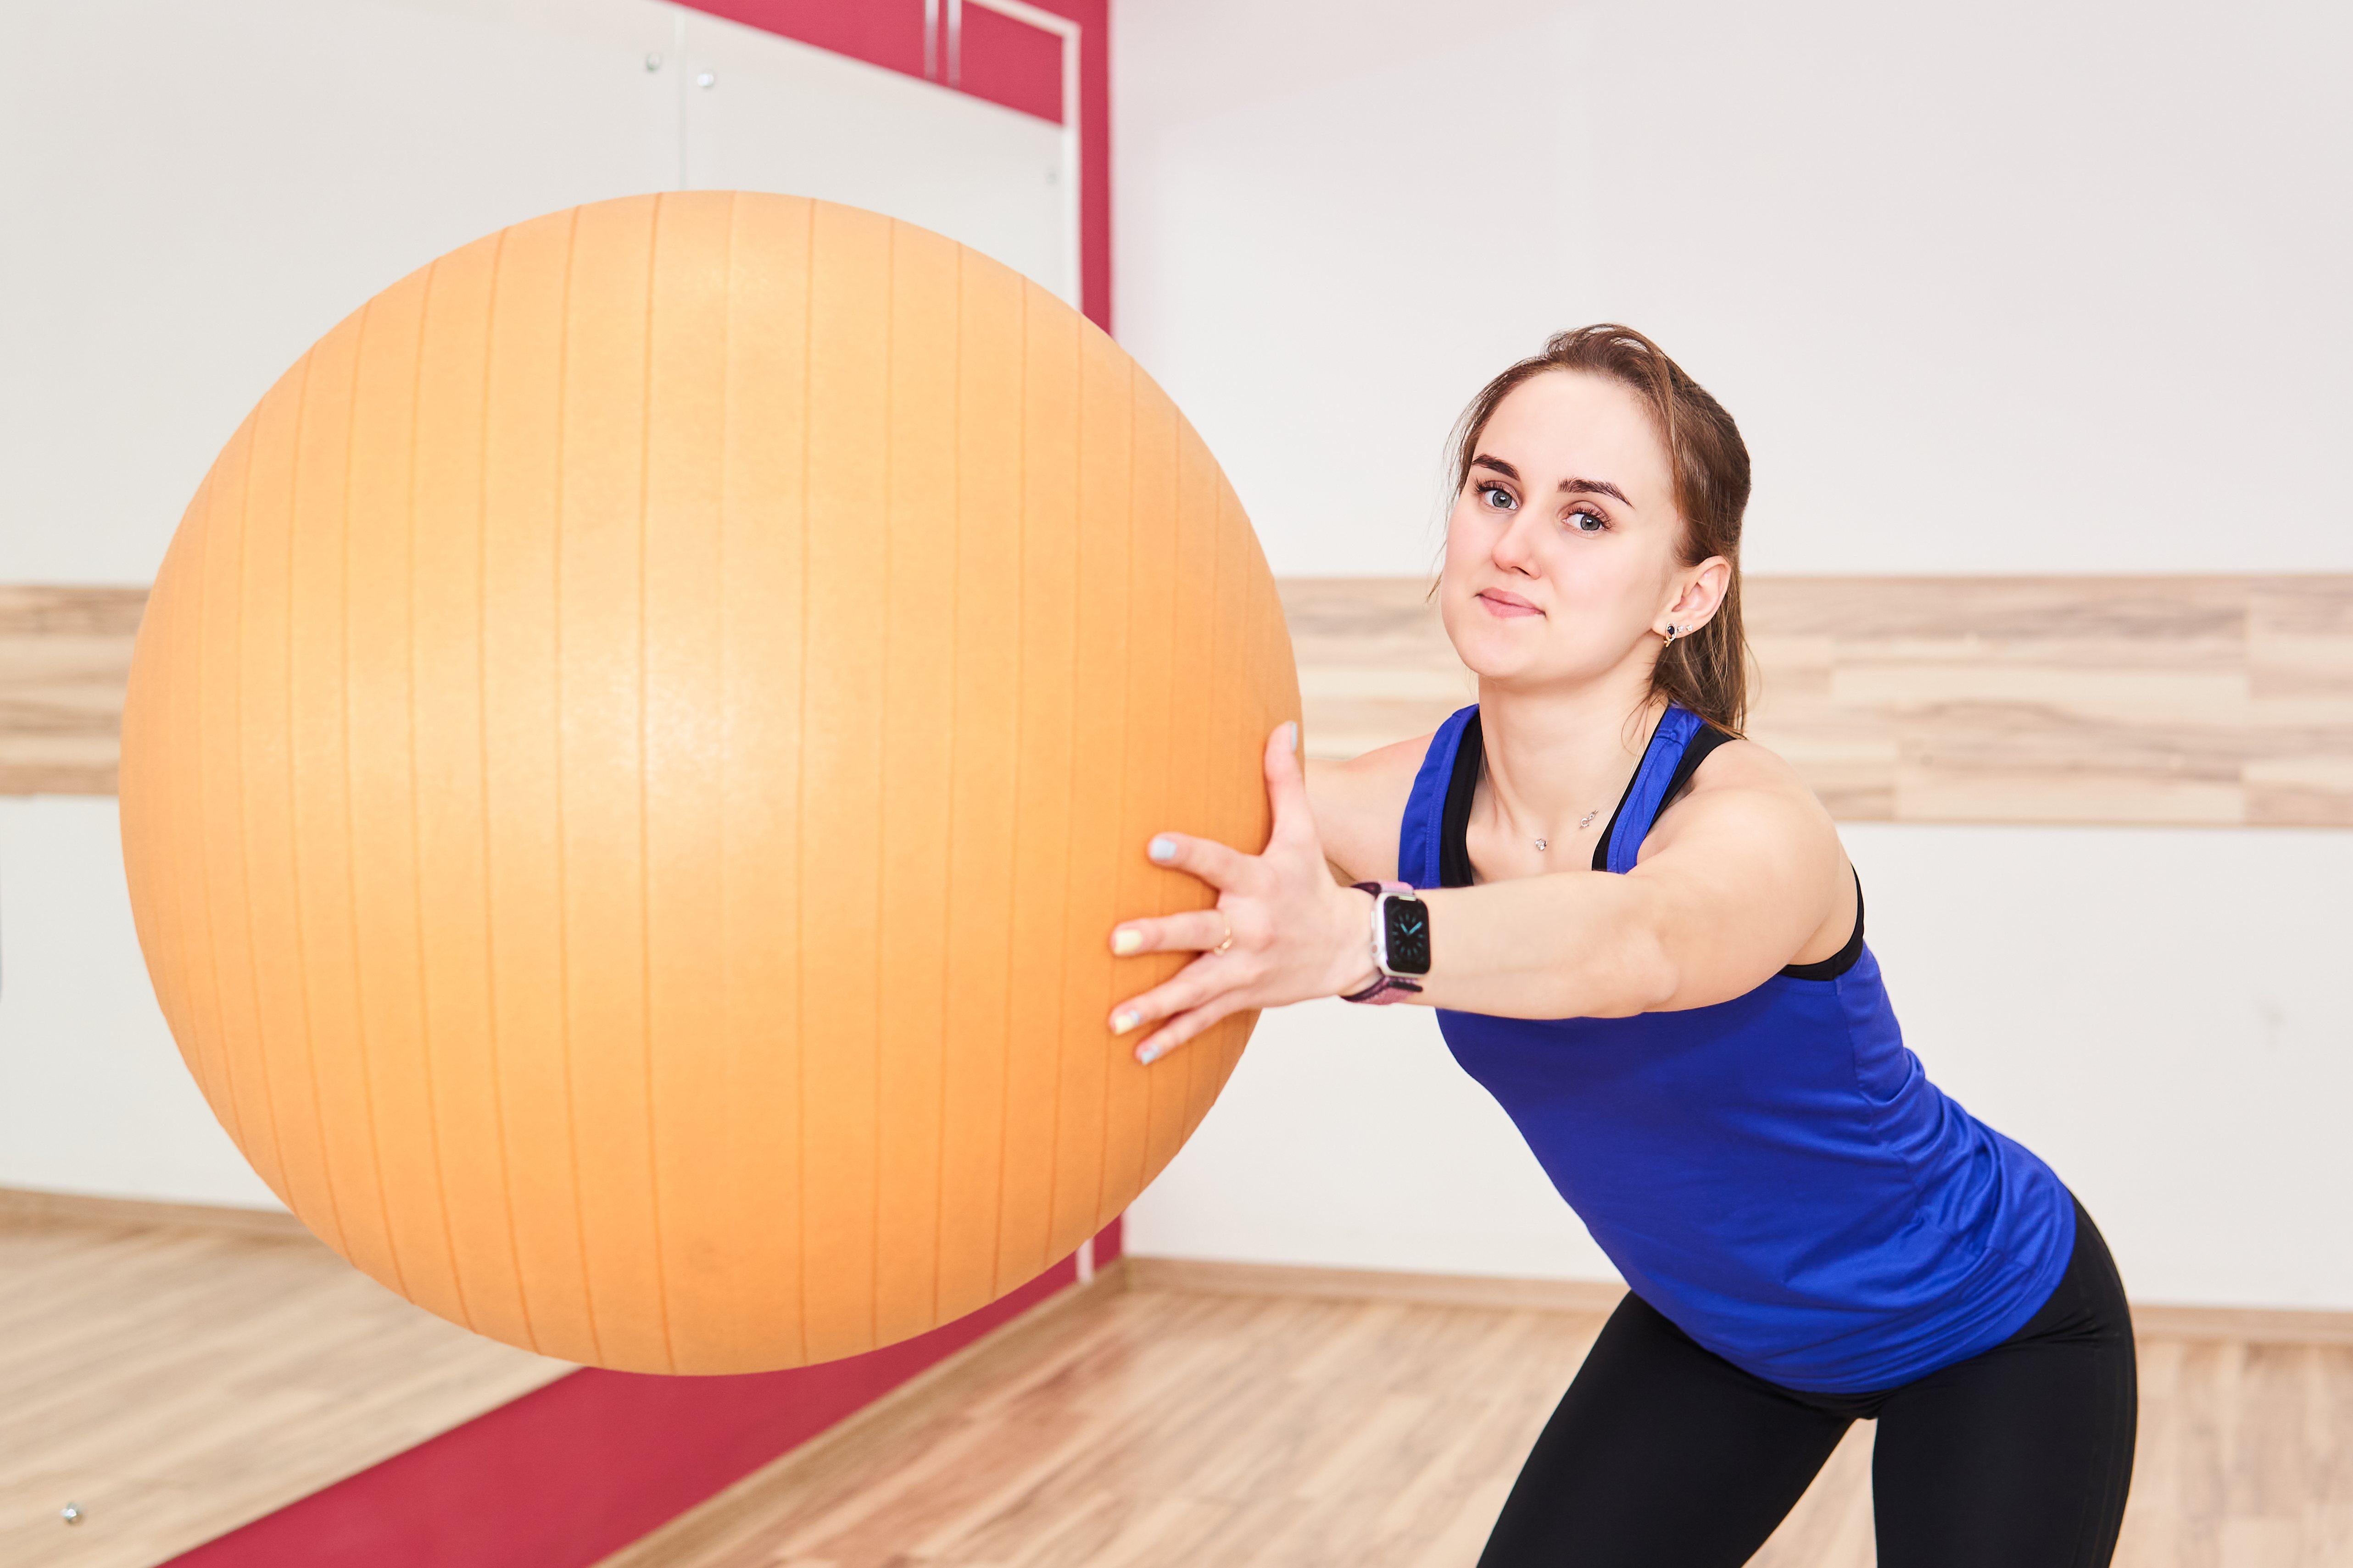 La gimnasia sueca implica todas las partes del cuerpo